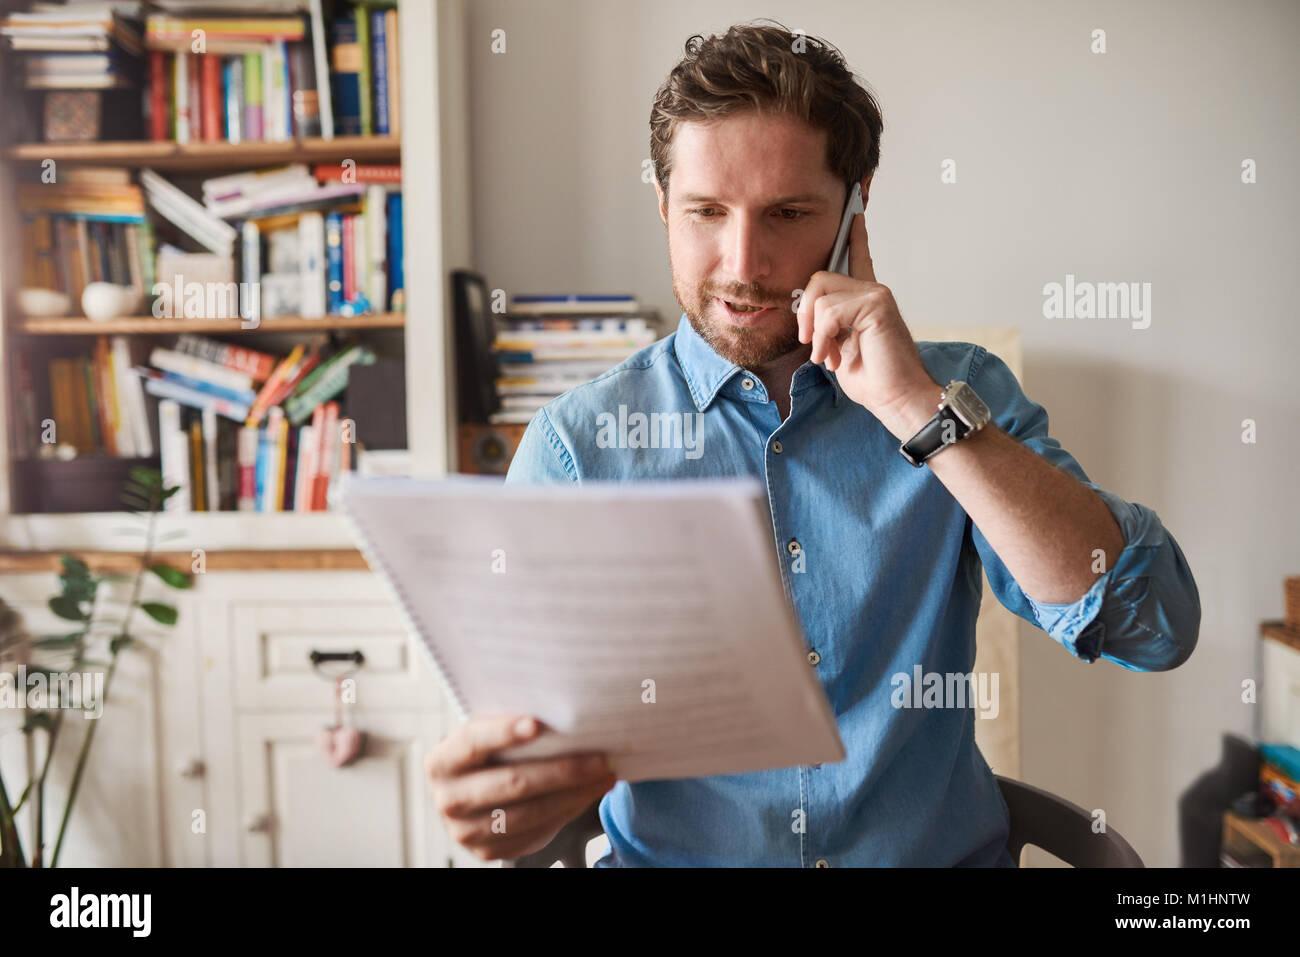 L'uomo la lettura di documenti e di parlare su un cellulare a casa Immagini Stock